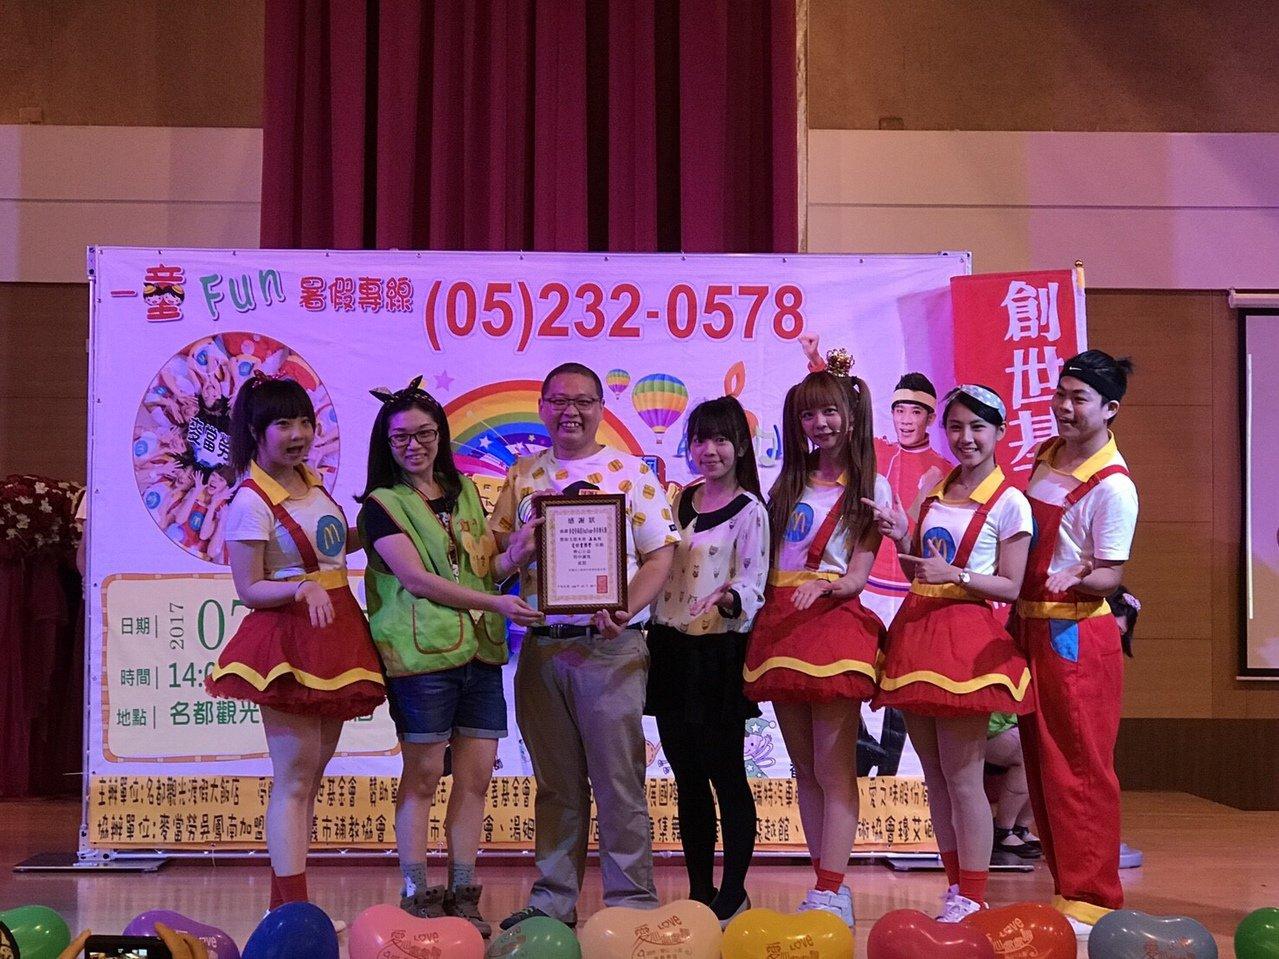 麥當勞吳鳳南餐廳是雲嘉嘉地區唯一的加盟店,加盟經營者唐有建(左三)現年39歲,他...